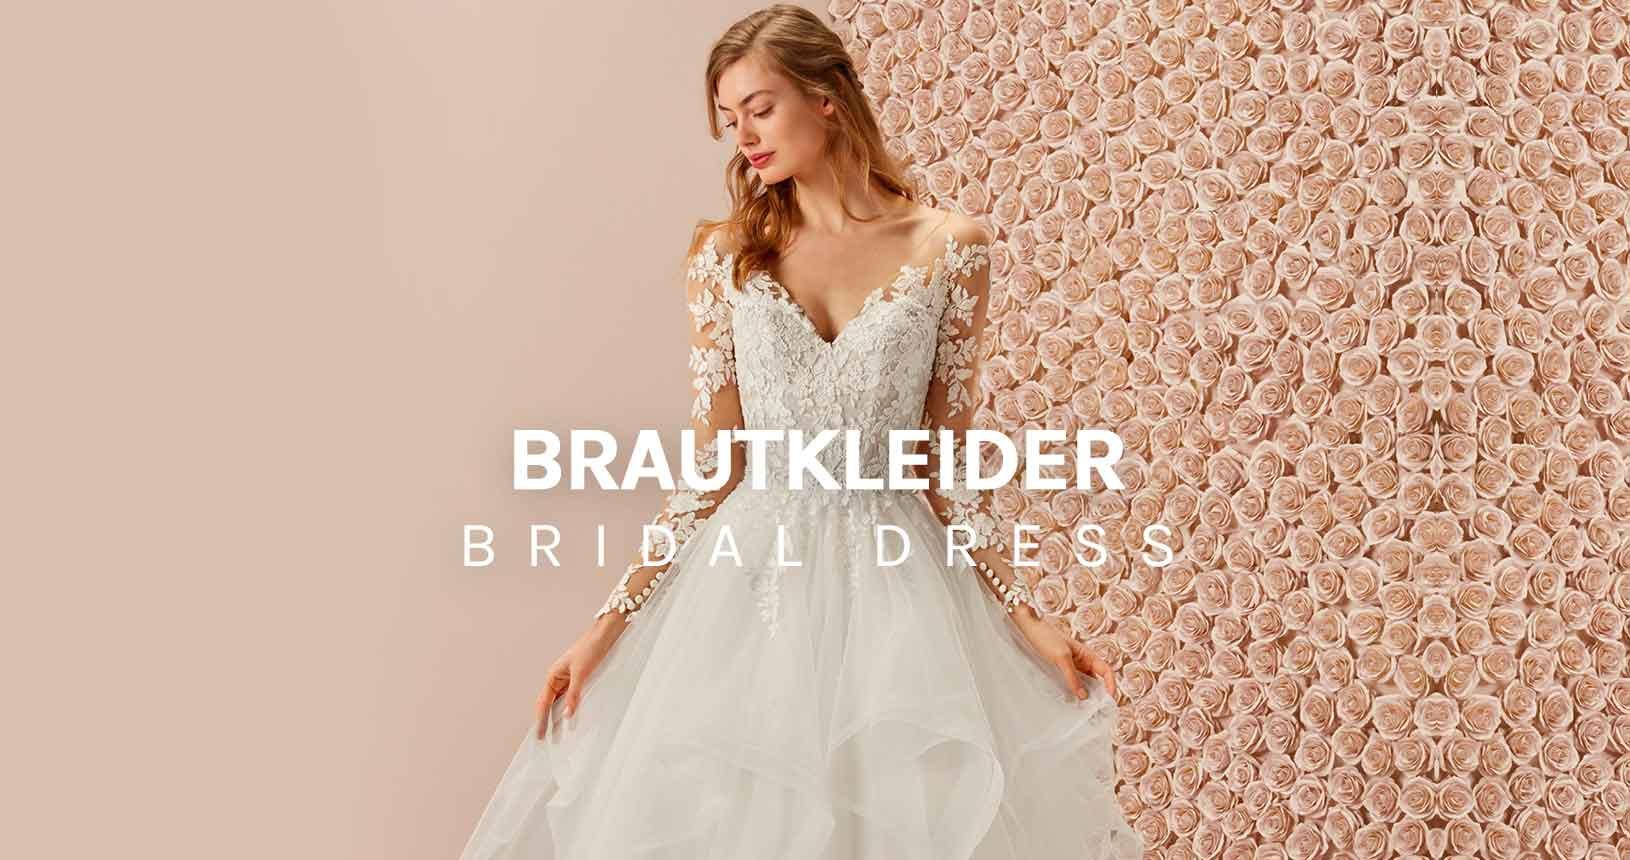 Brautmoden, Brautkleider, Hochzeitskleider & Abendkleider  BALAYI